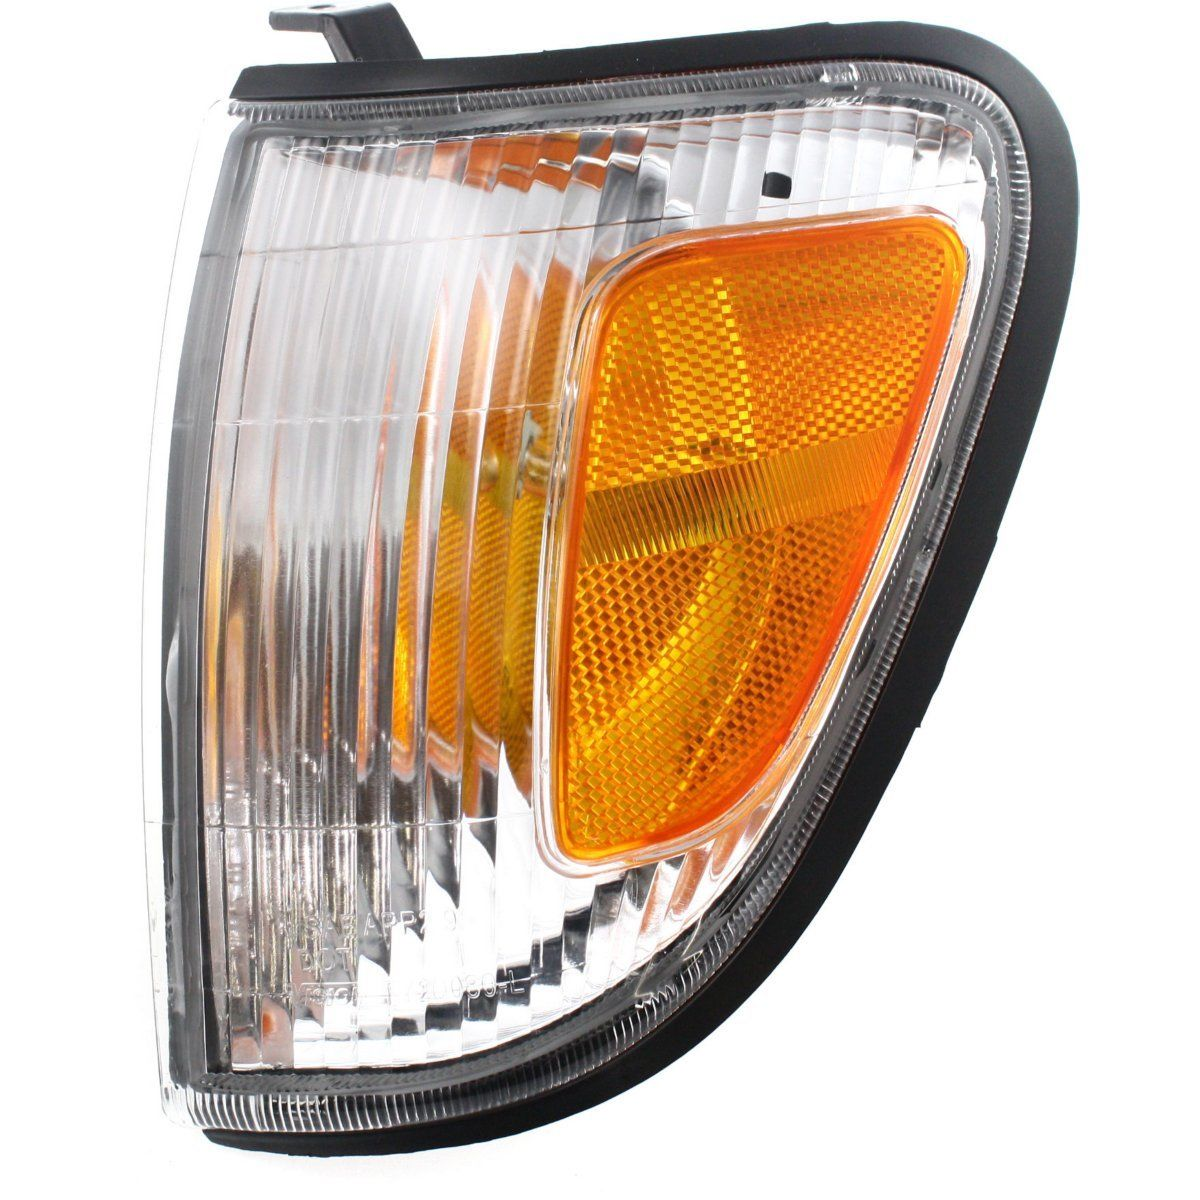 コーナーライト Corner Light For 98-2000 Toyota Tacoma Driver Side Incandescent w/ Bulb コーナーライト98-2000トヨタタコマドライバーサイド白熱電球